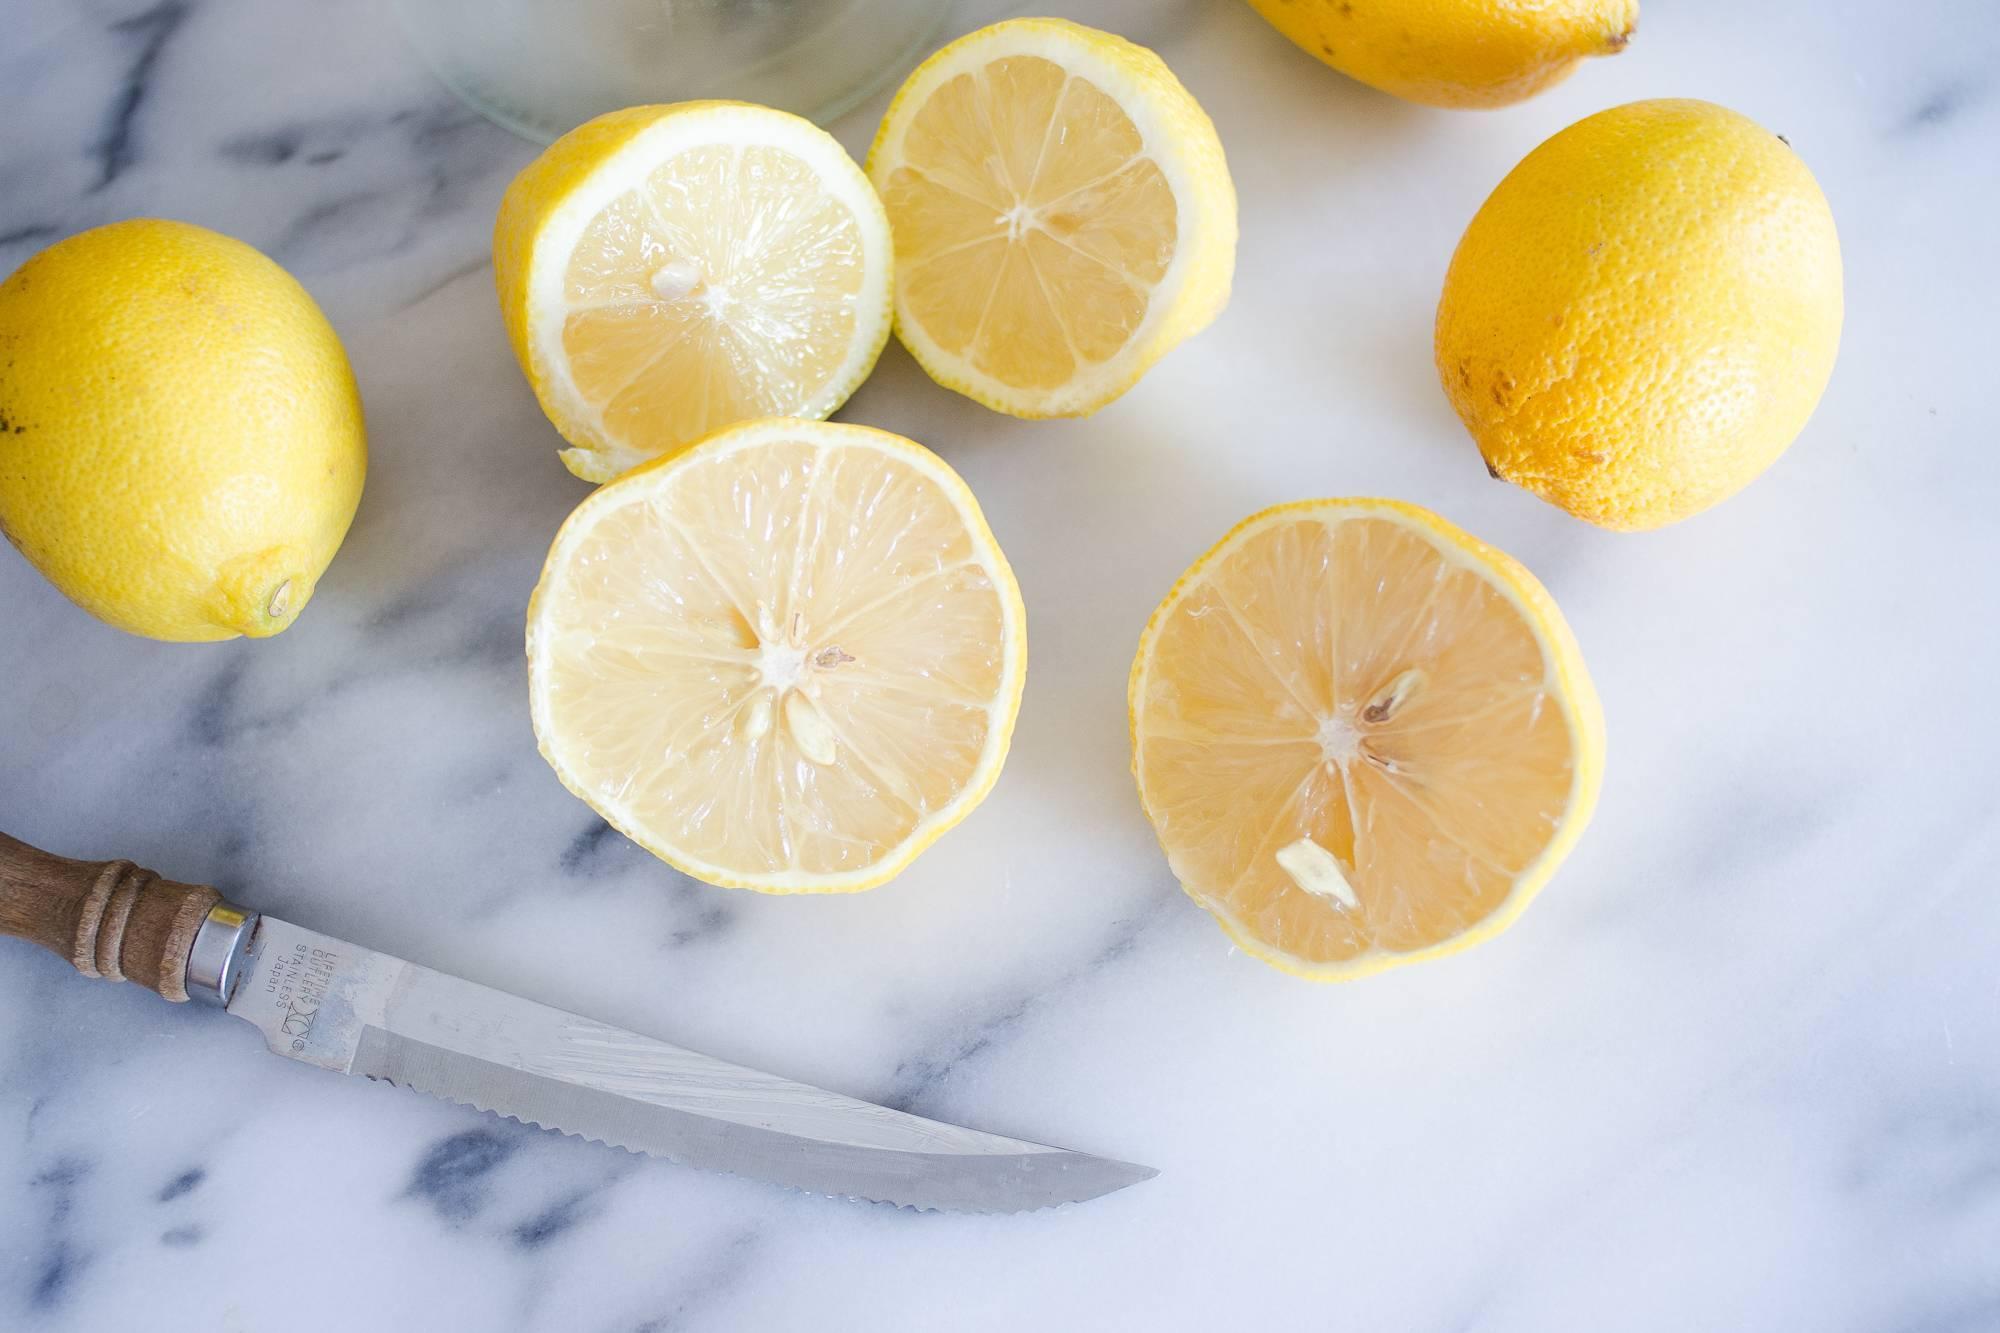 лимон при ангине у взрослых